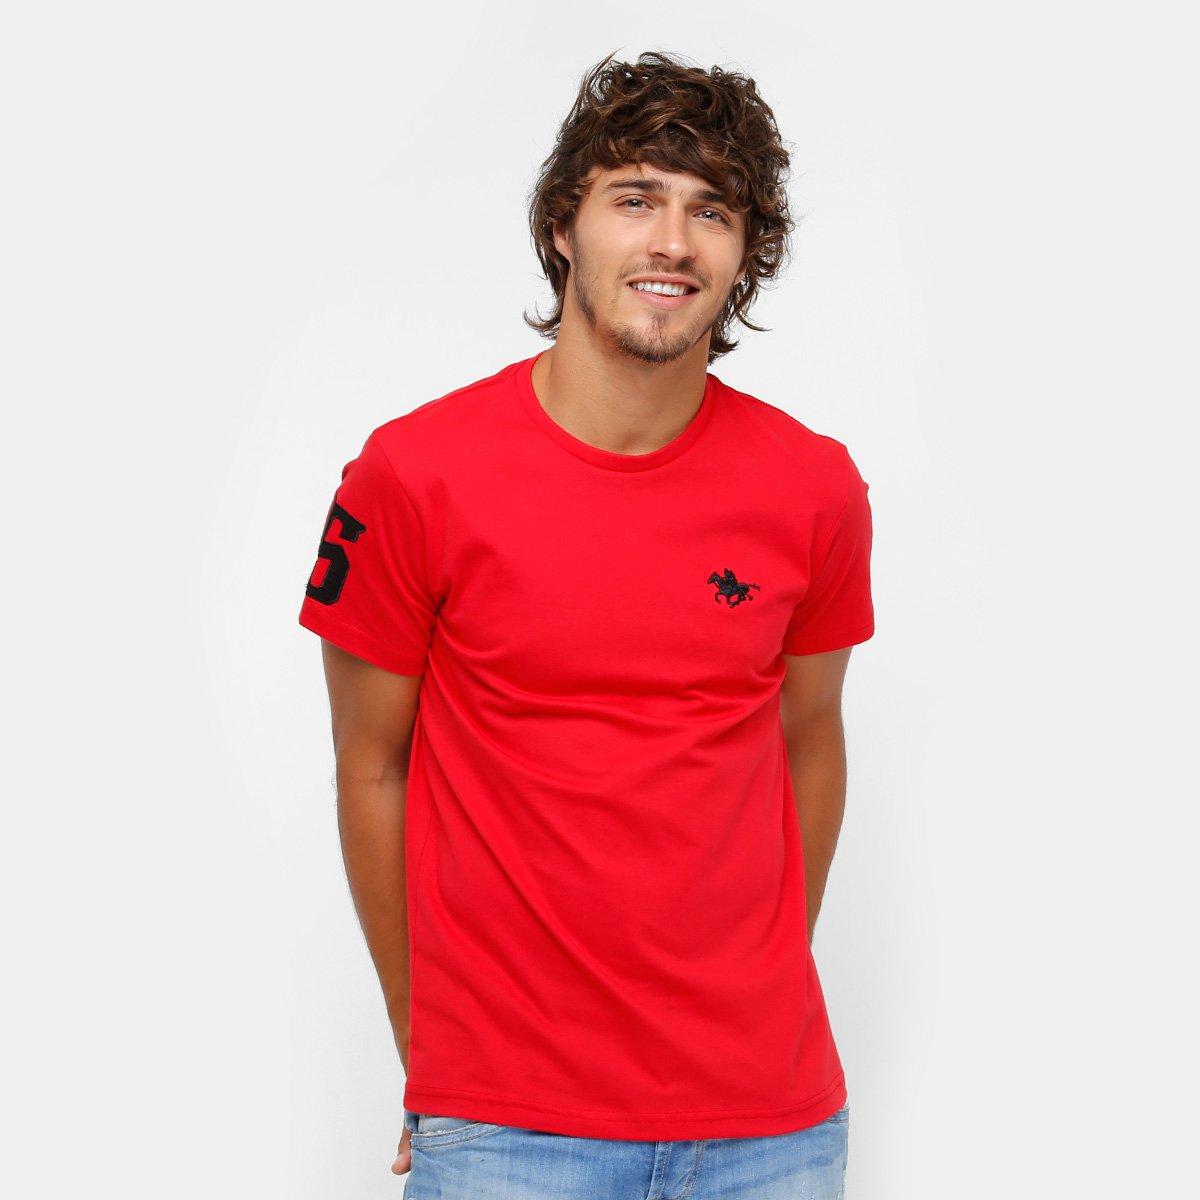 bdd9a5d5c Camiseta RG 518 Básica Bordada Masculina